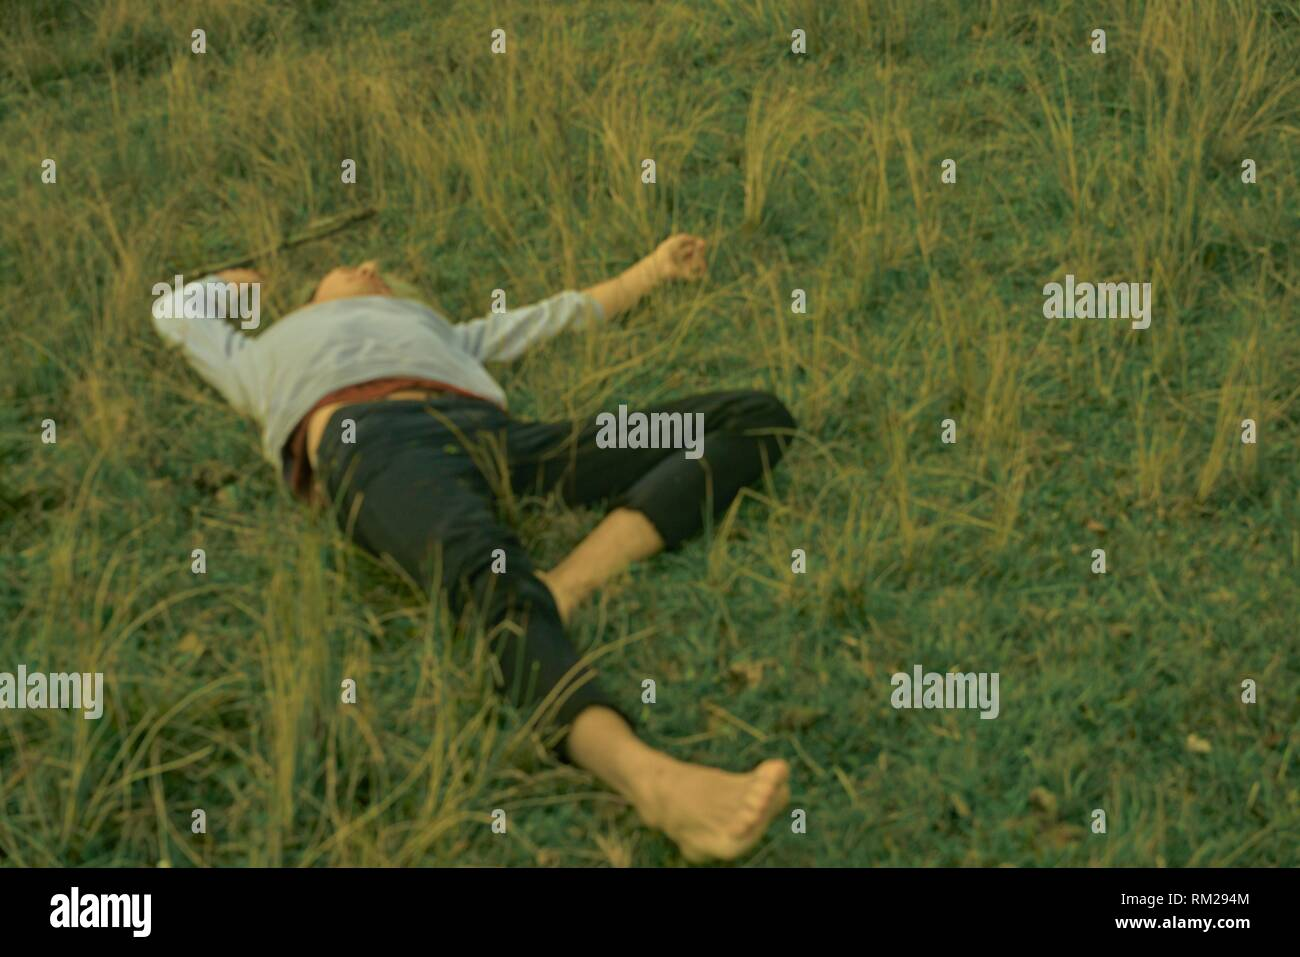 Joven tumbado en la pradera, la naturaleza, la naturaleza pegado, vuelta a la naturaleza, perdidos, descanso exchausted, agotamiento, relajante, escapar de la vida cotidiana, escapando, Imagen De Stock